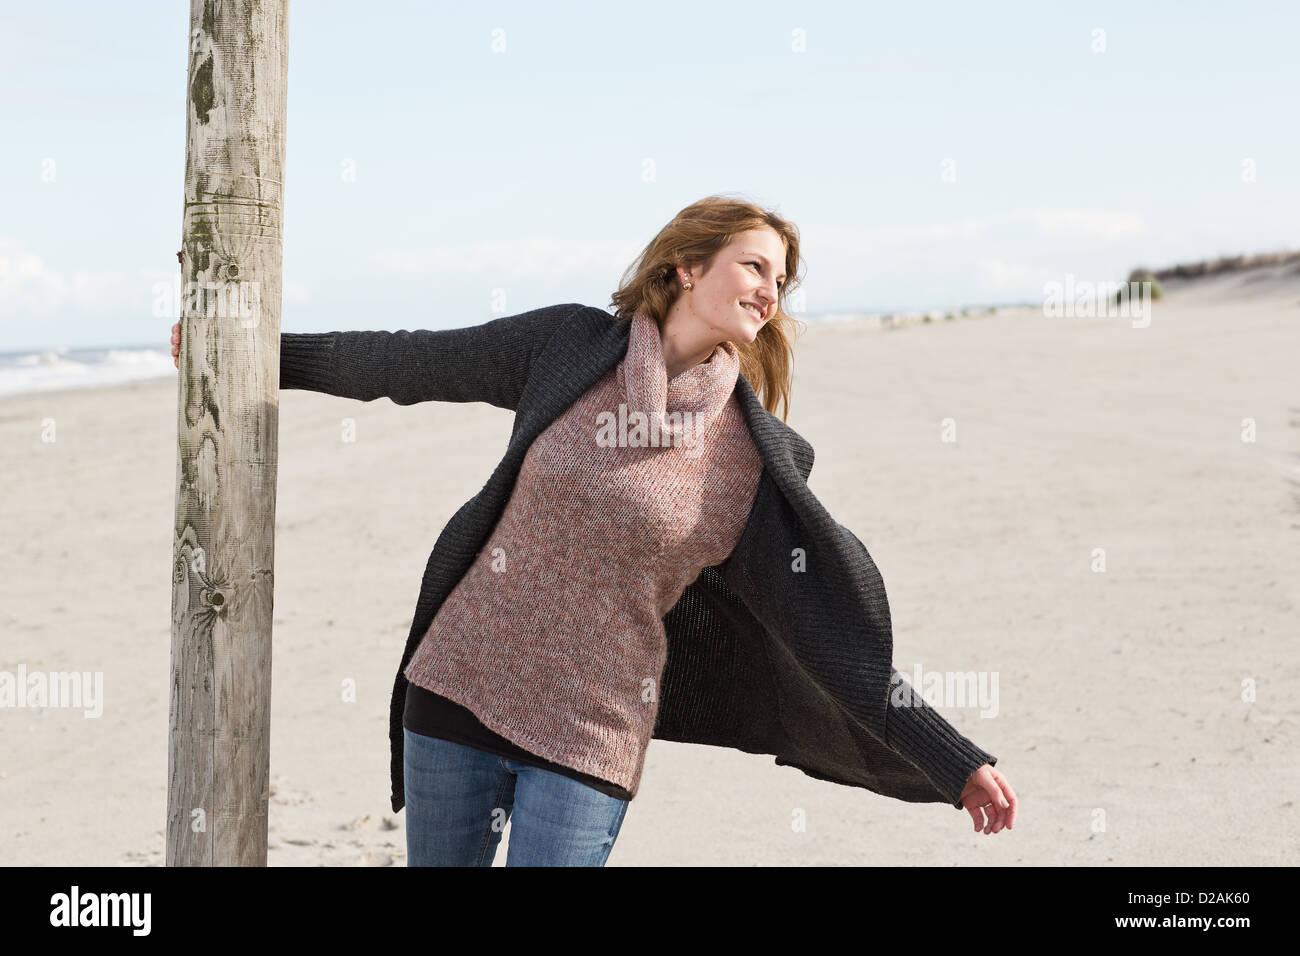 Femme d'un pôle oscillante on beach Photo Stock